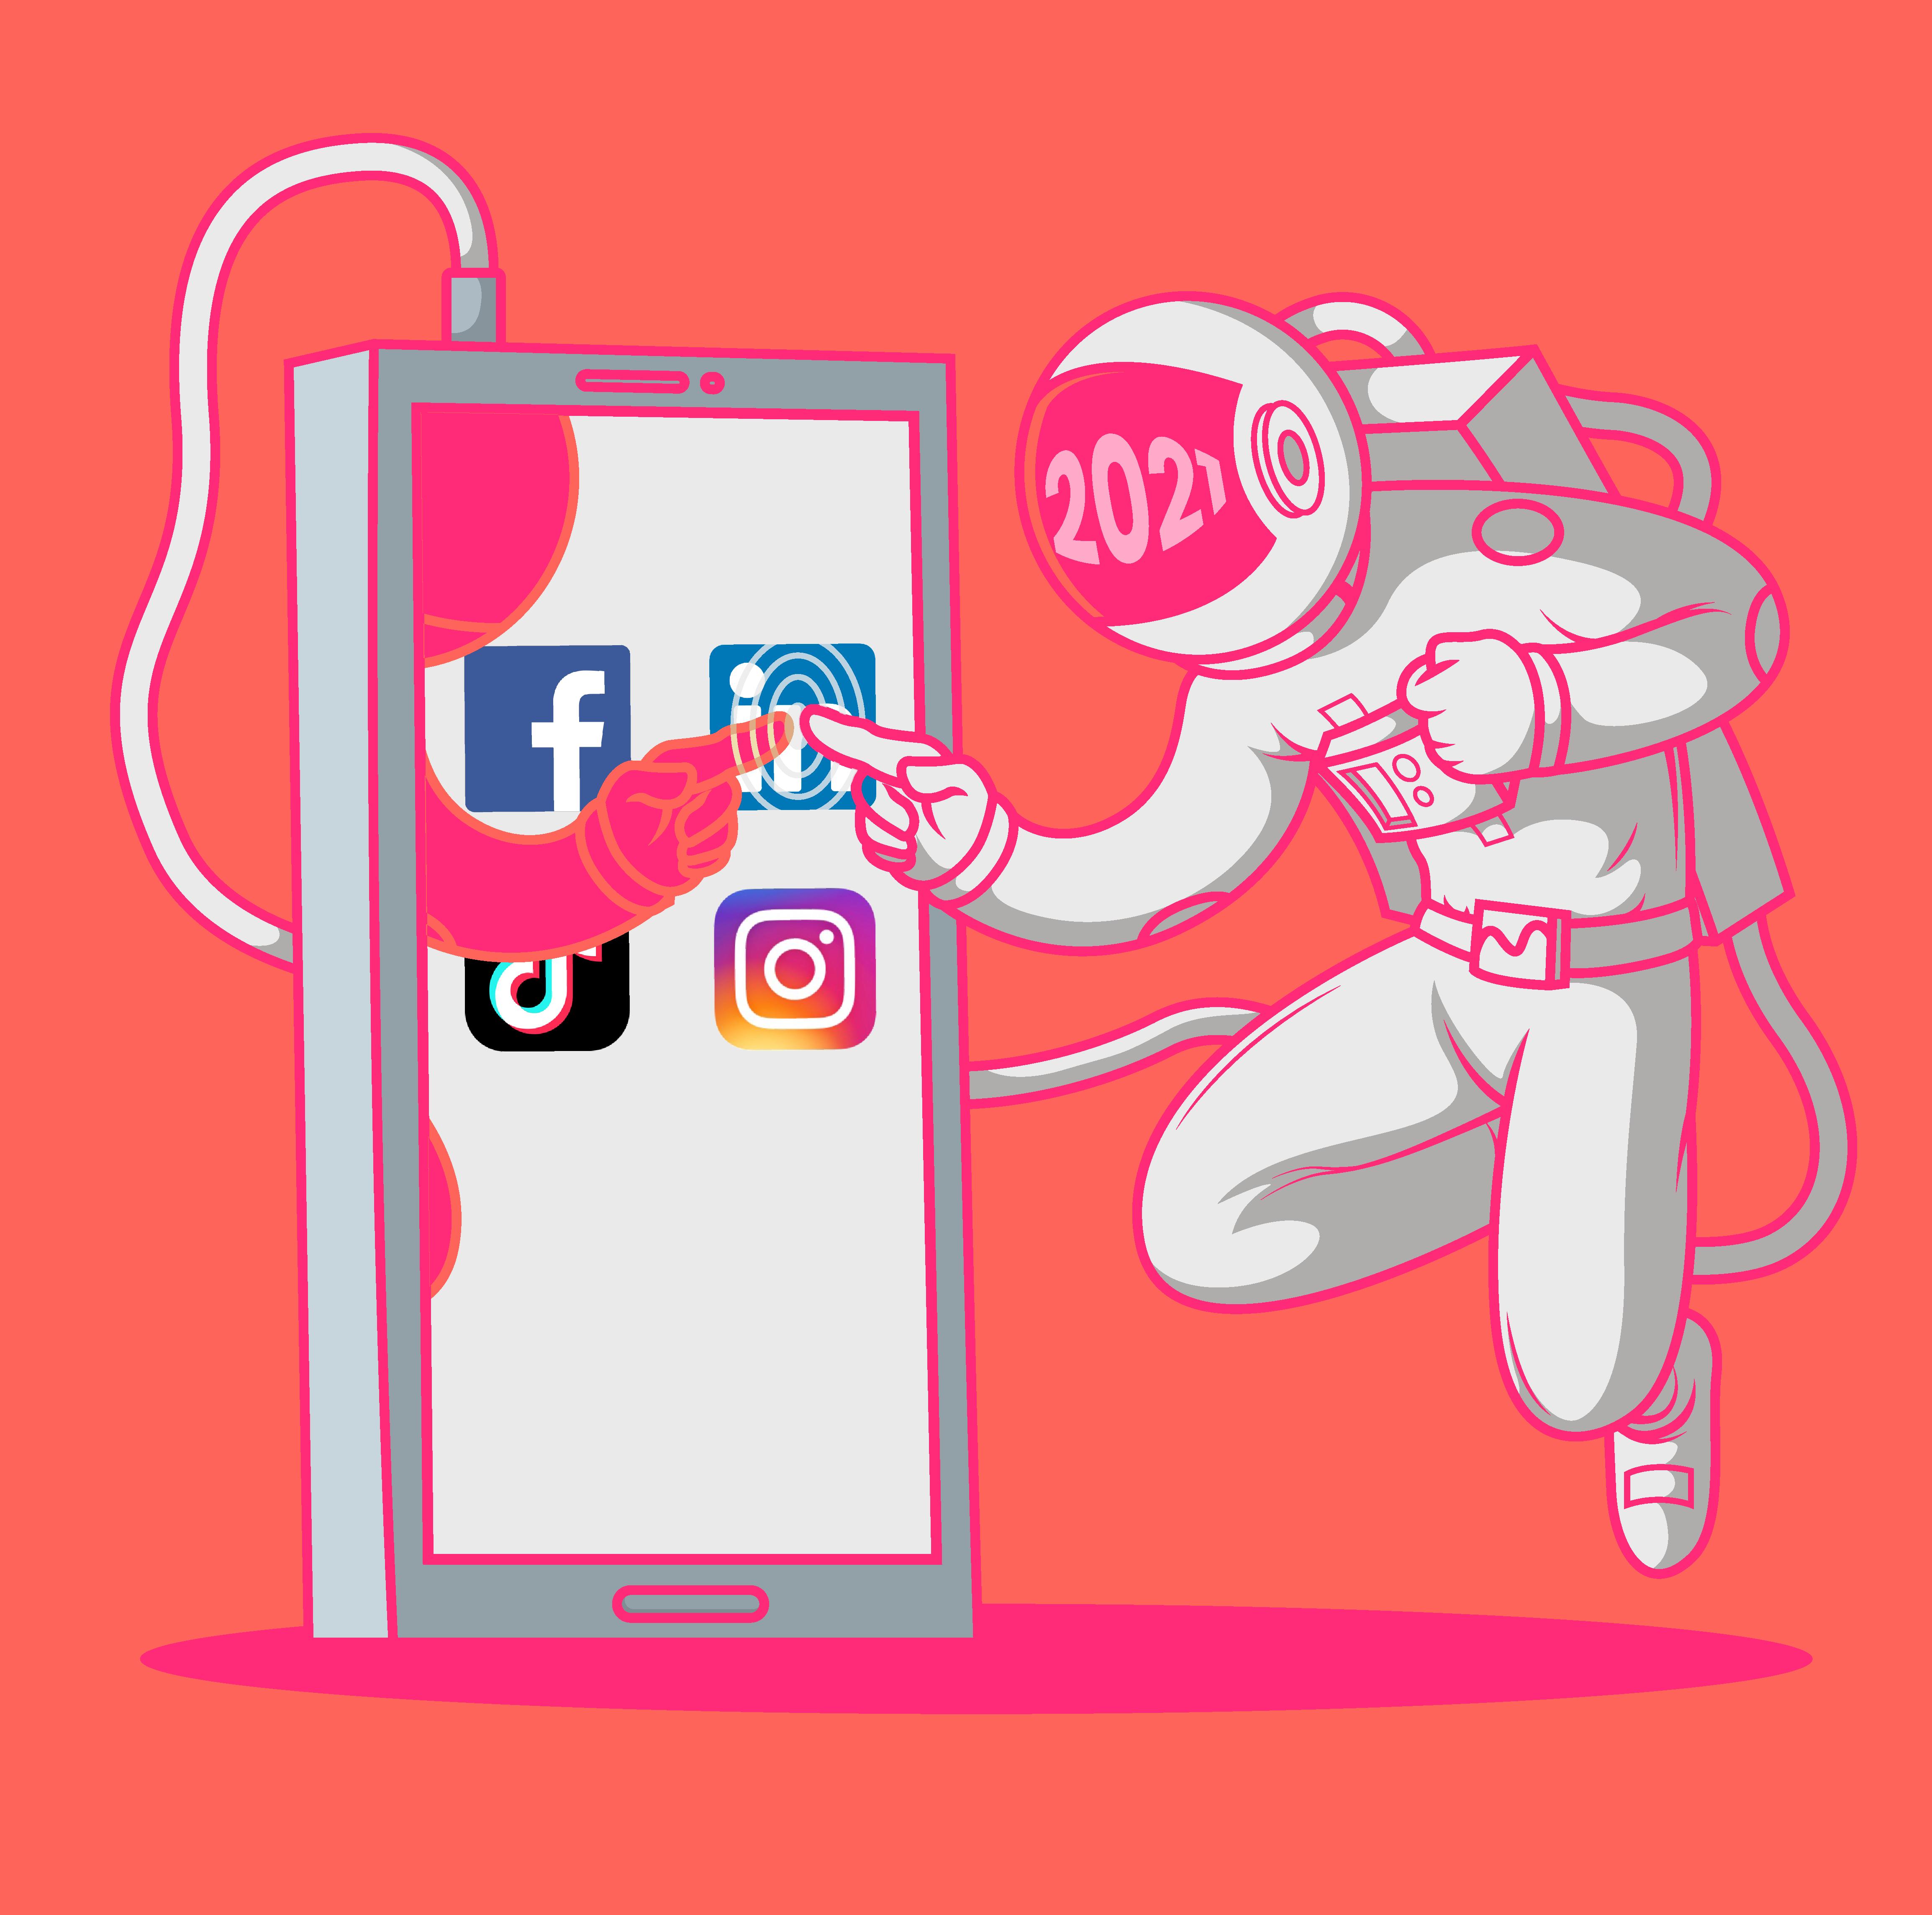 2021 Social Media Marketing Trends top 8